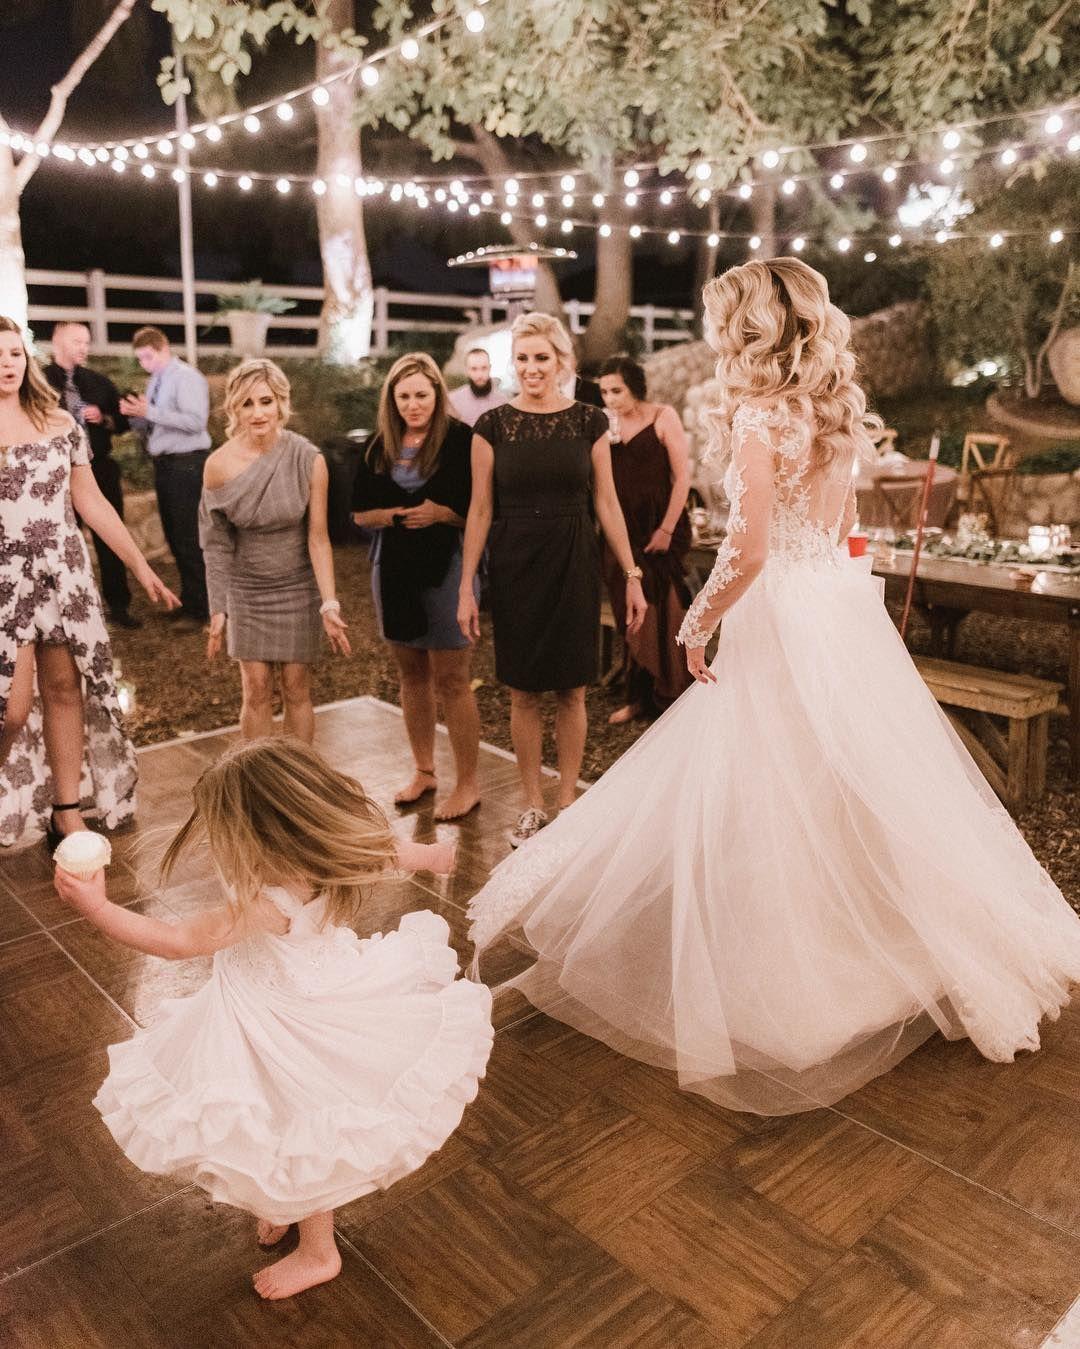 Las Vegas Wedding Venue Legends ranch Las vegas wedding